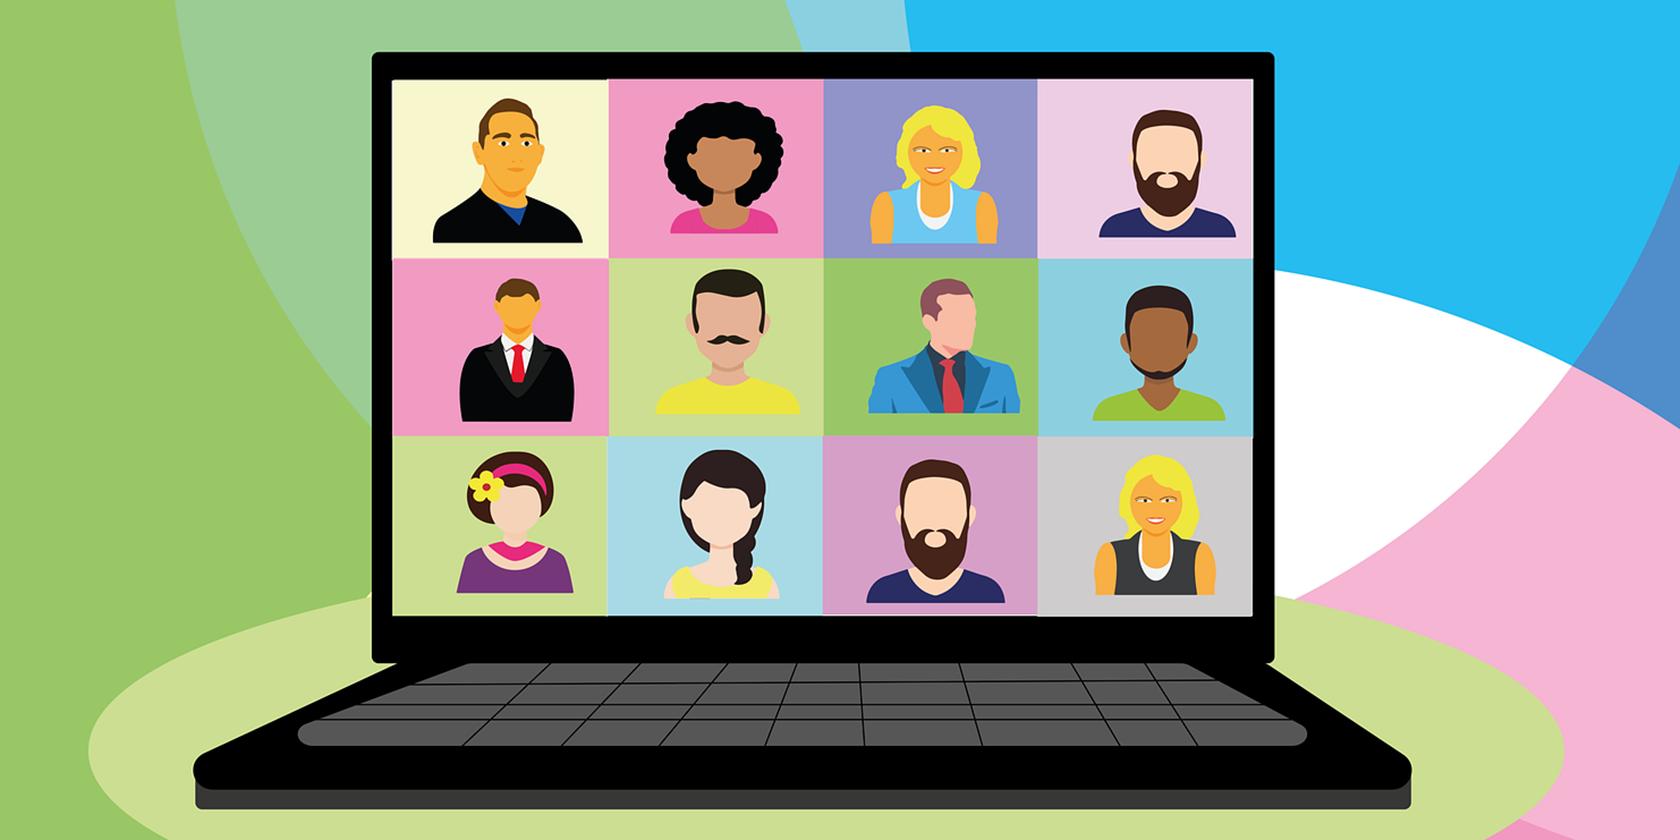 تیم های مایکروسافت به زودی با سرعت بیشتری روی Mac شما کار خواهند کرد